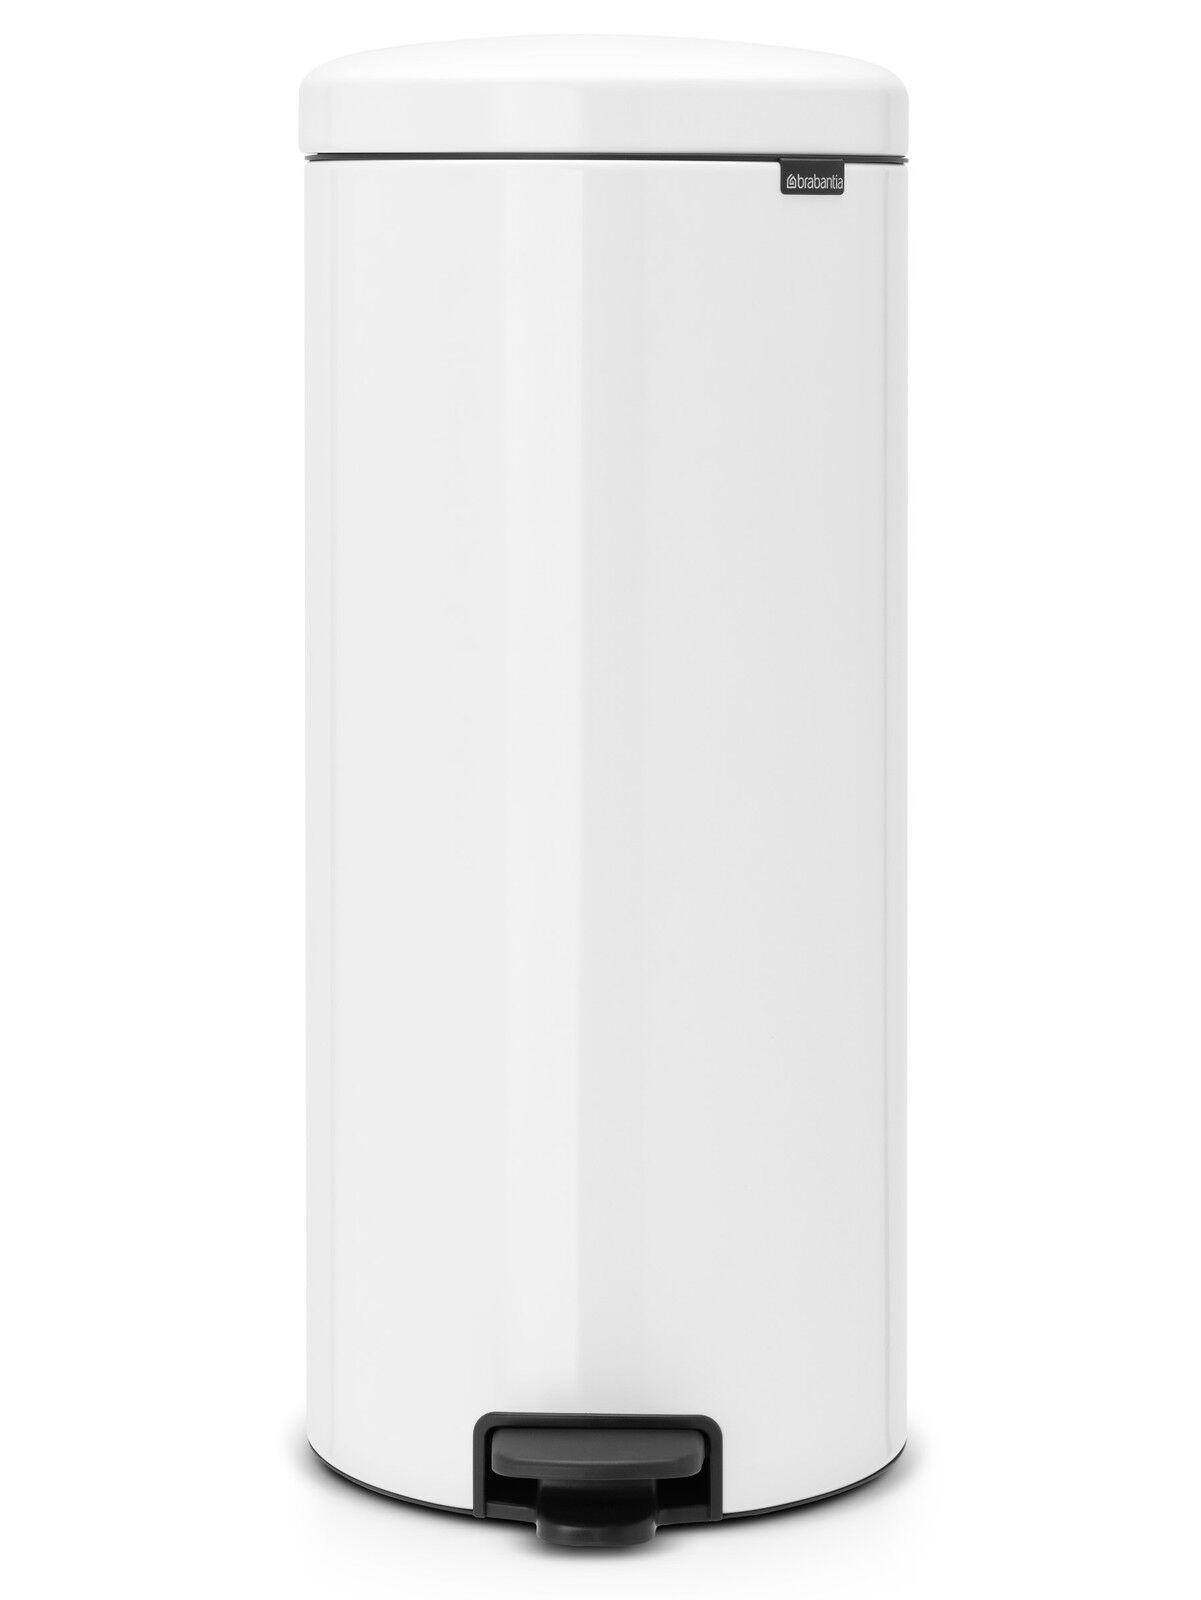 brabantia Treteimer NewIcon 20 L in Weiß nachhaltiger Mülleimer Soft Close